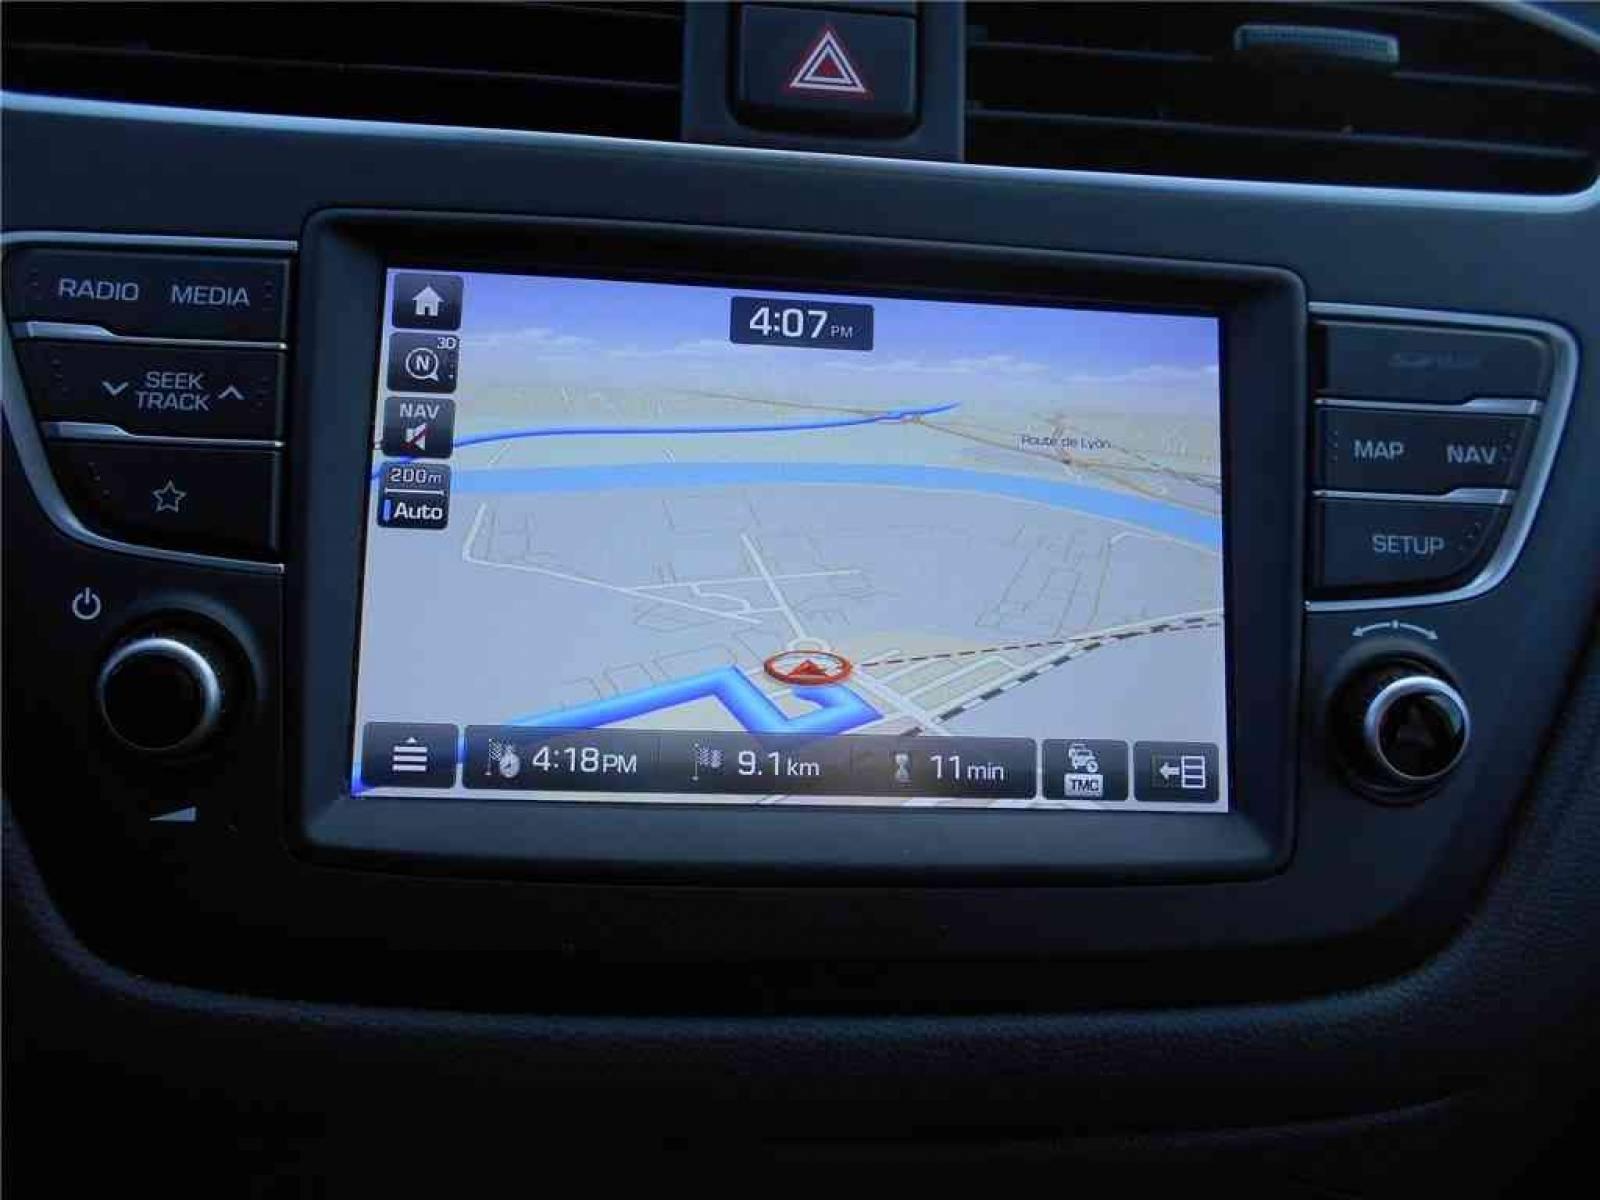 HYUNDAI i20 Active 1.0 T-GDi 100 - véhicule d'occasion - Groupe Guillet - Chalon Automobiles - 71100 - Chalon-sur-Saône - 28